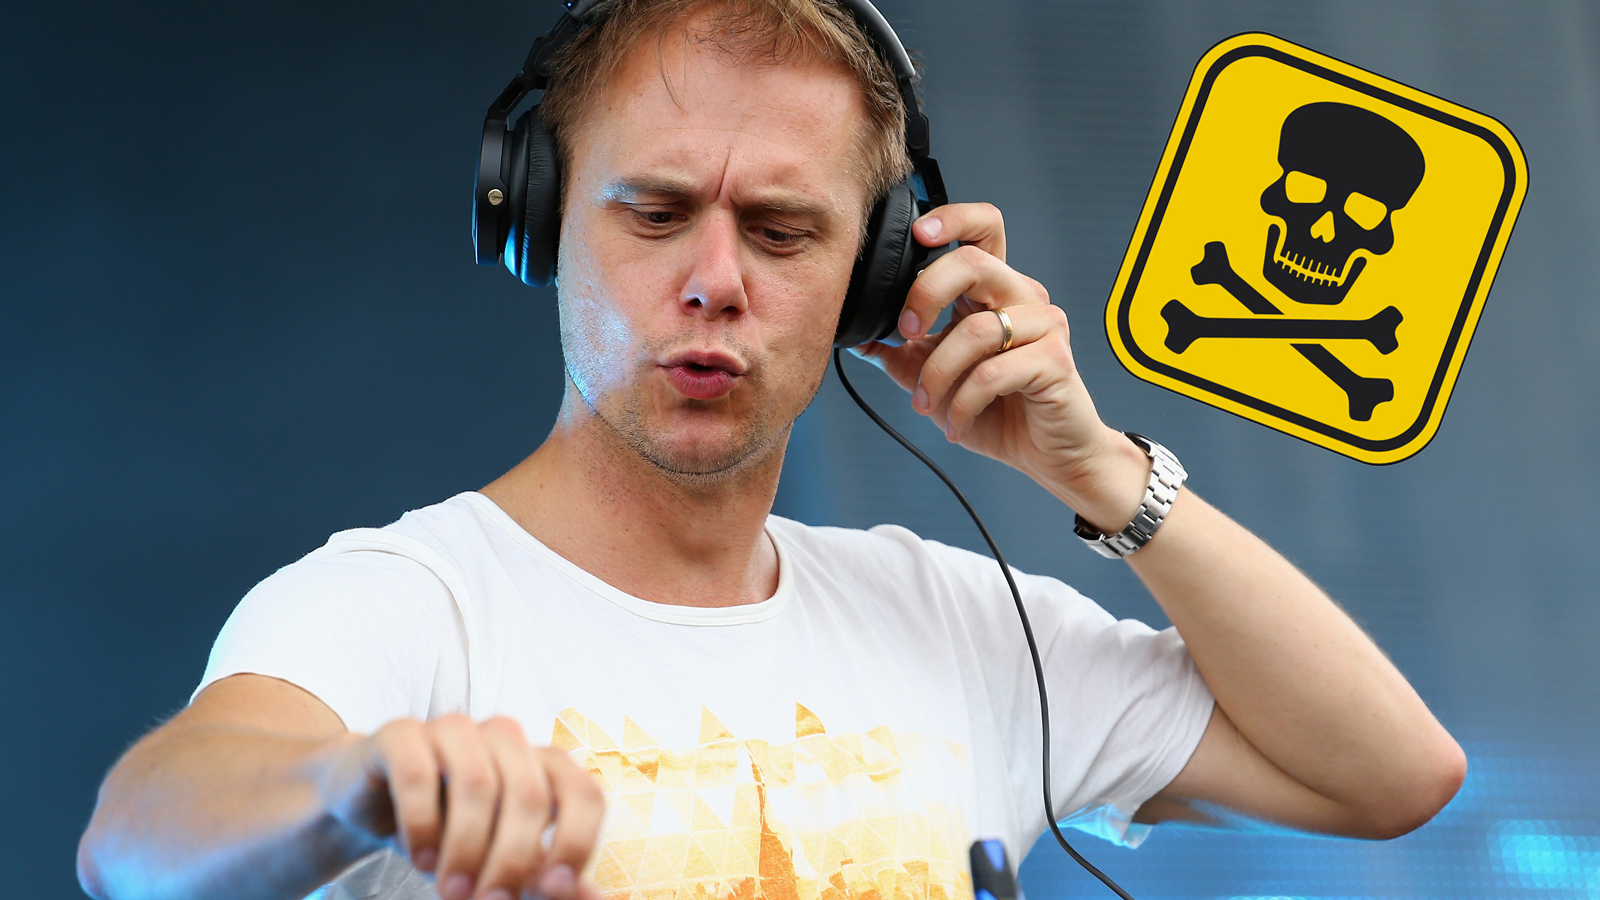 Armin 01